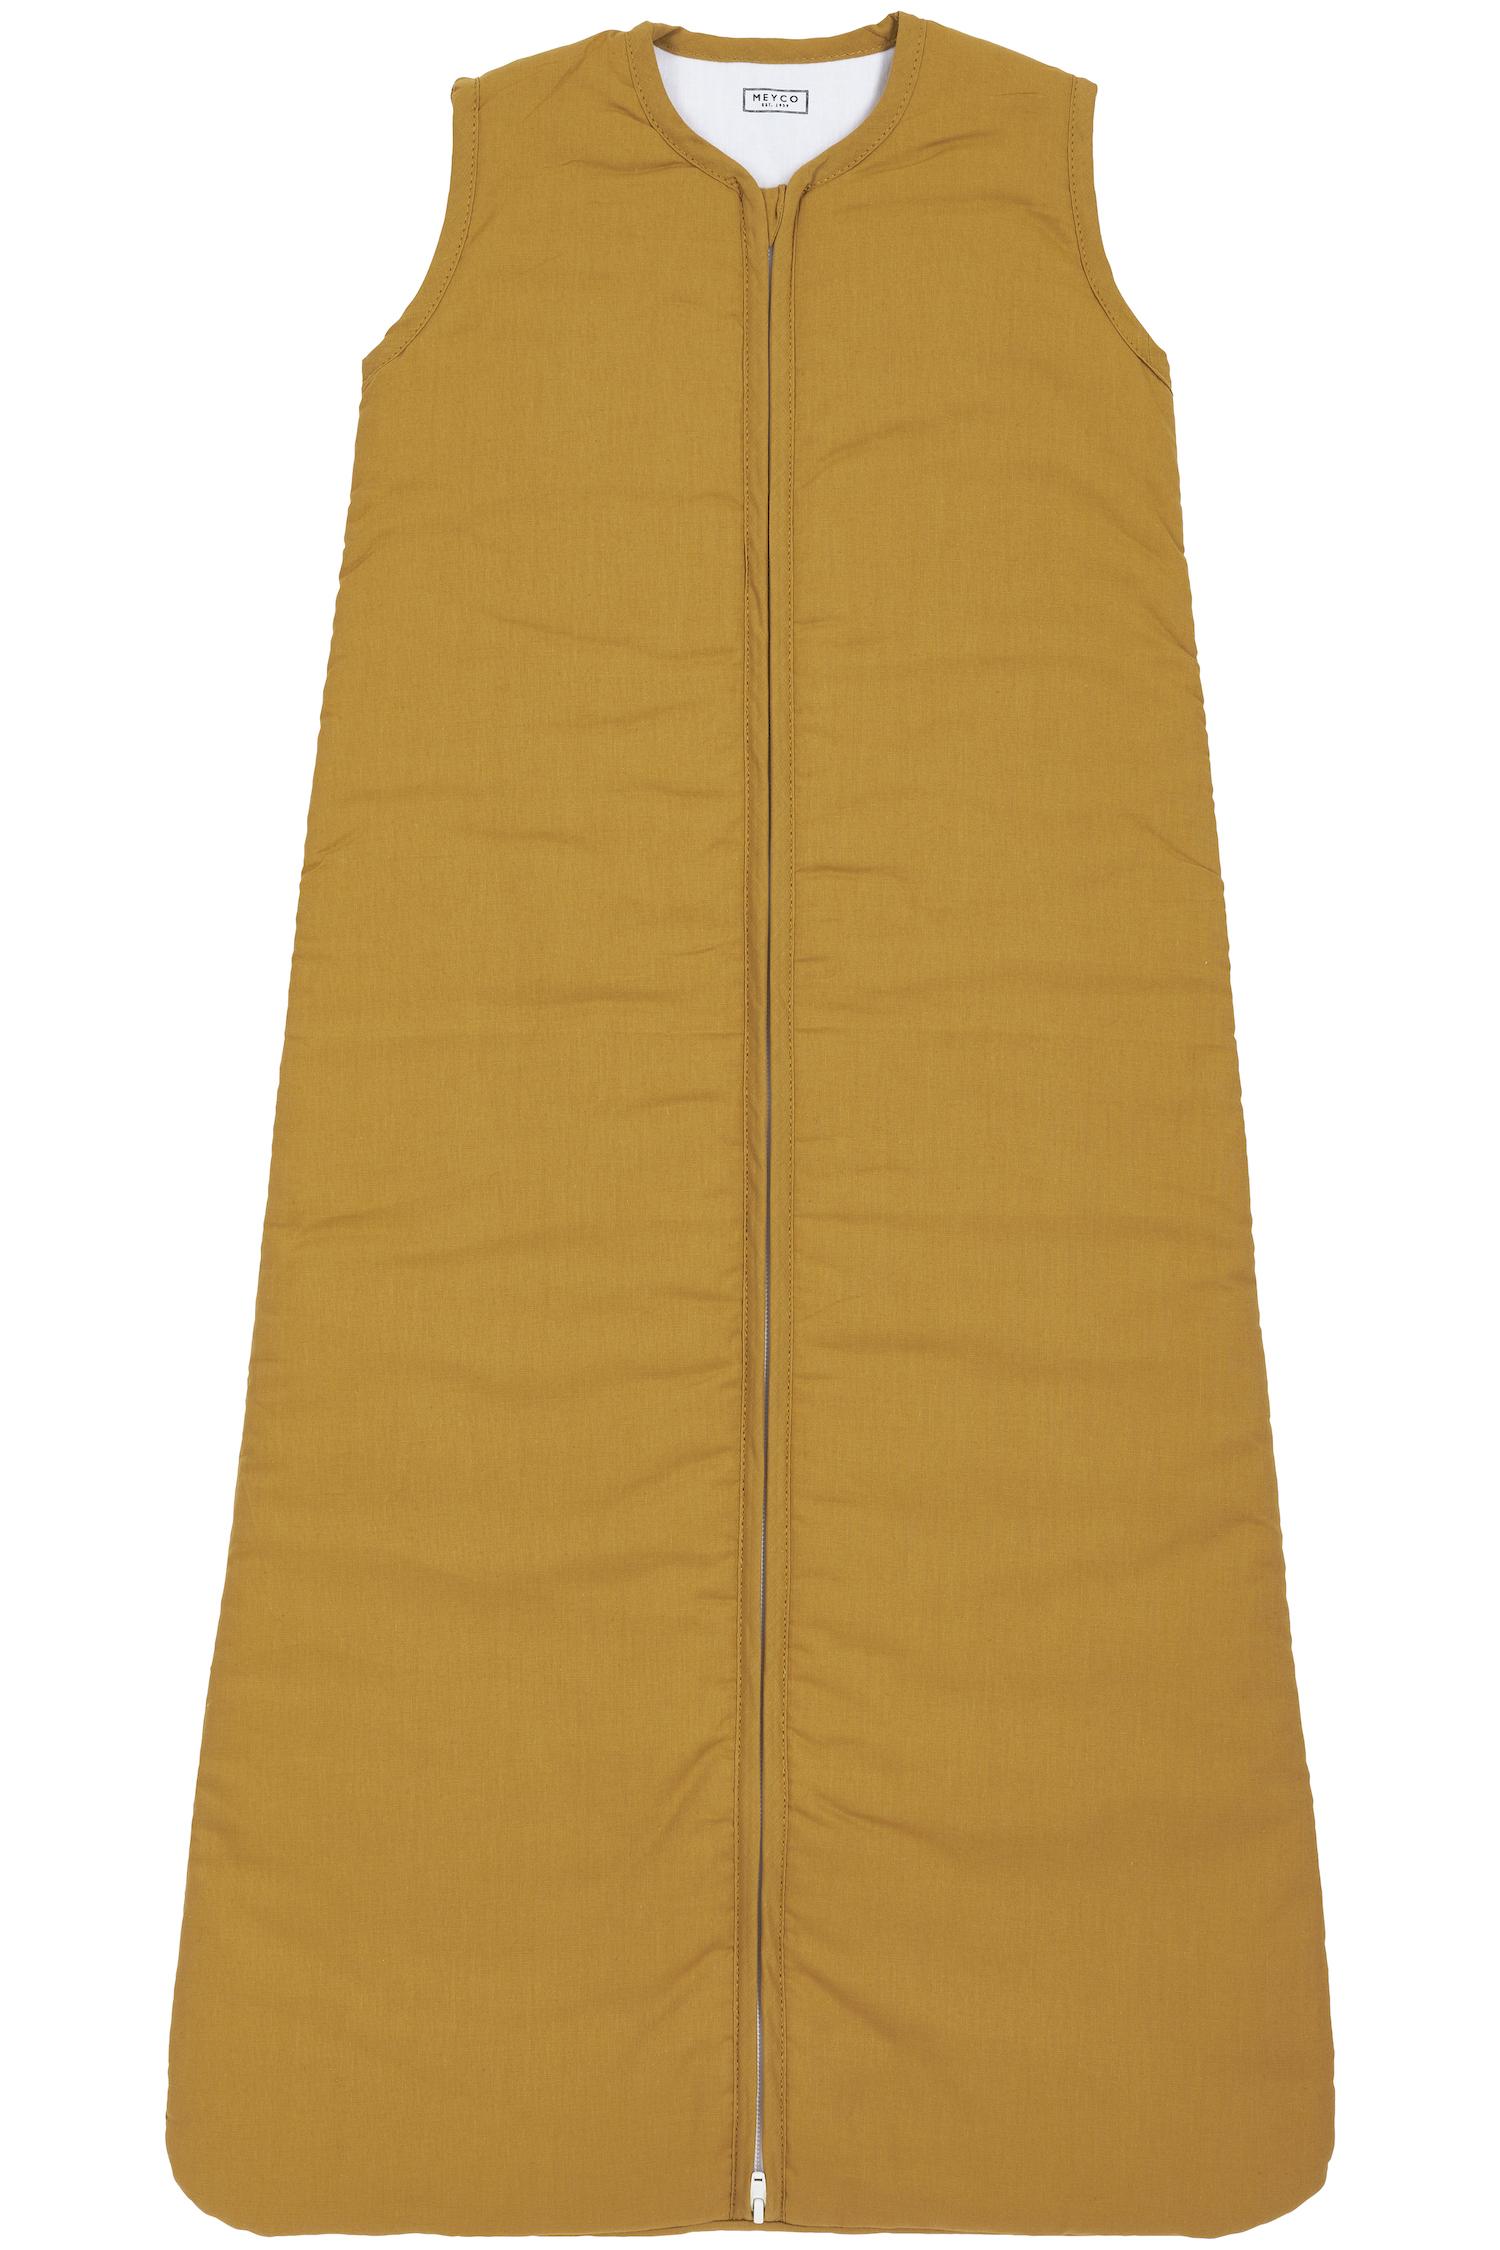 Schlafsack Gefüttert Uni - Honey Gold -110cm